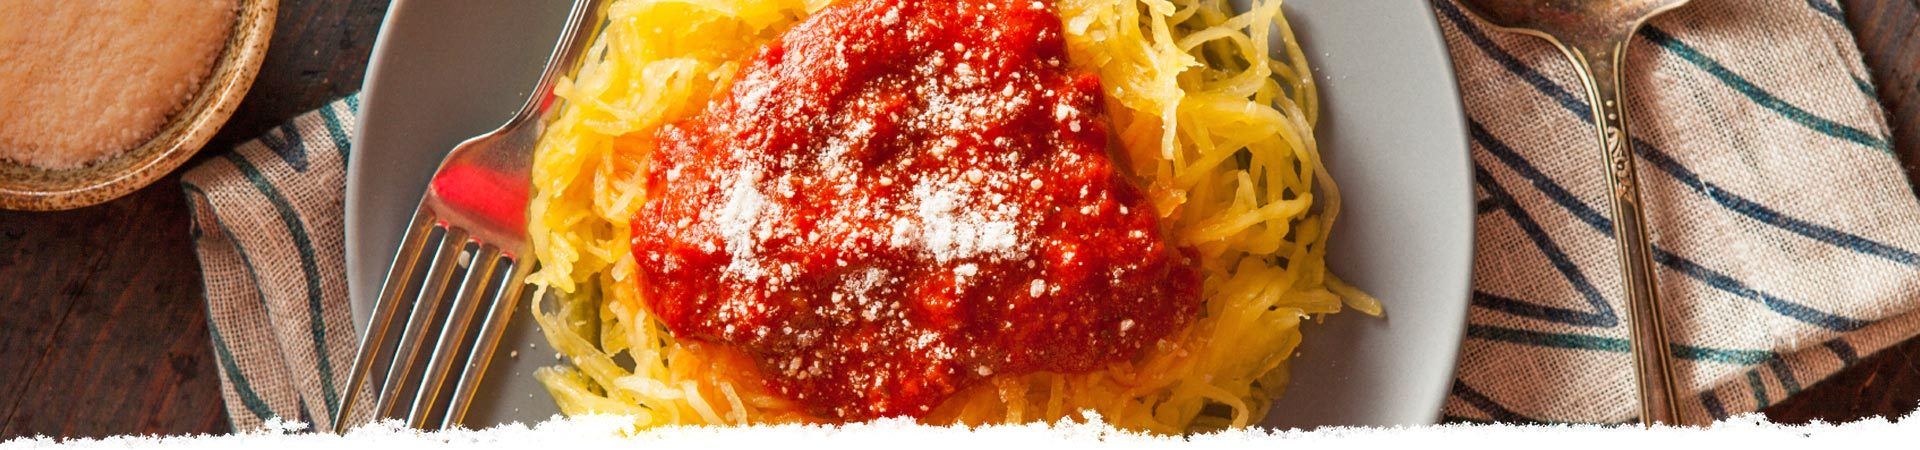 Bertolli<sup>®</sup> Spaghetti Squash